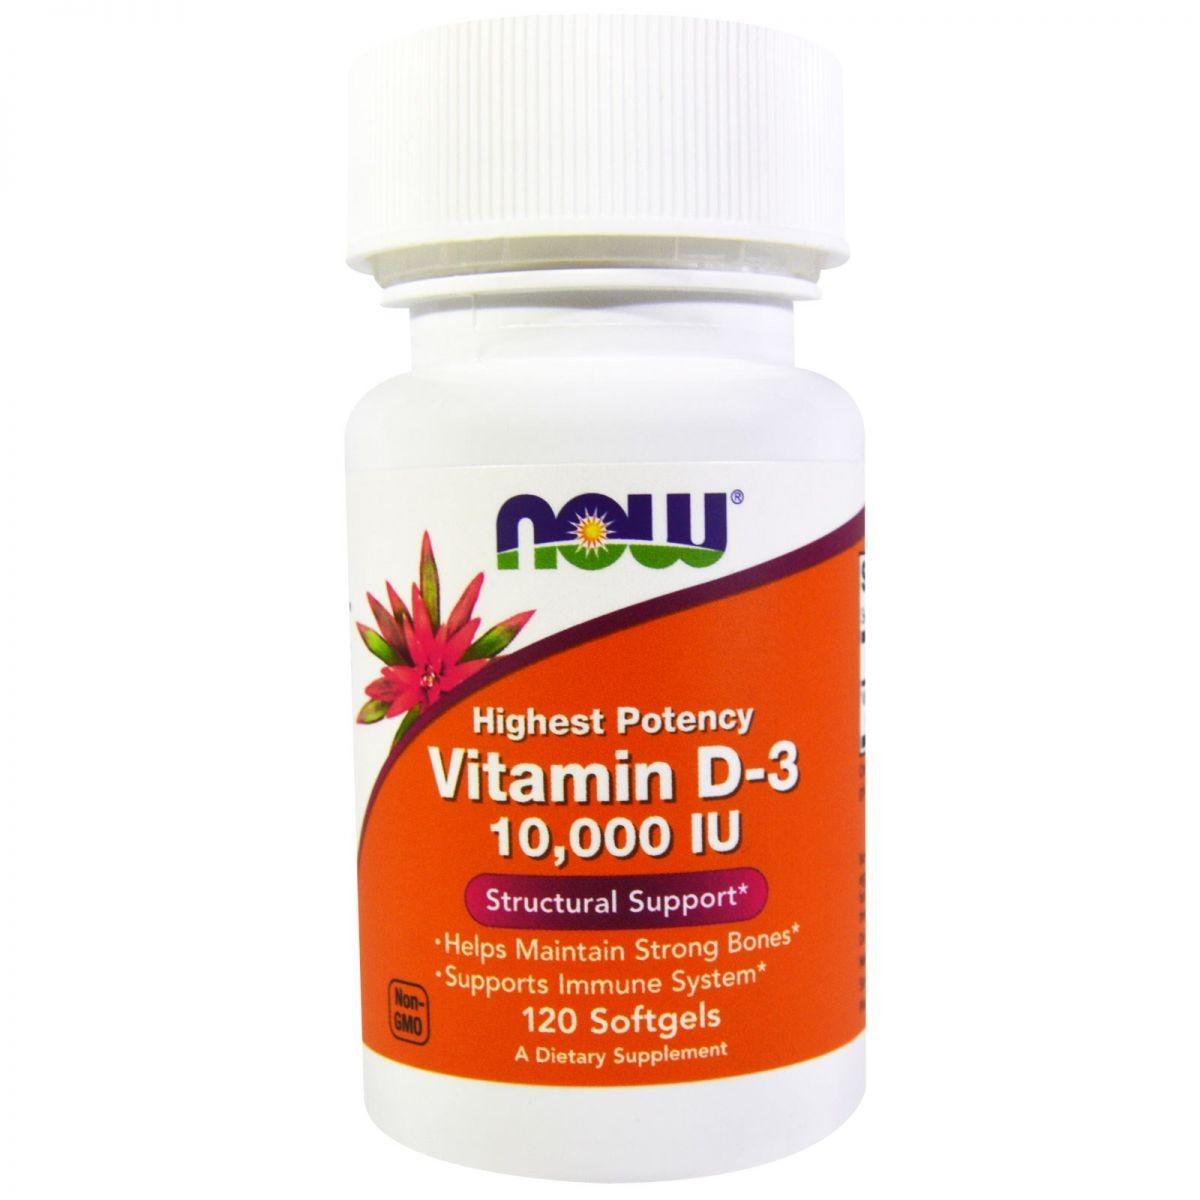 Foto 1 - Vitamina D-3 Now 10.000 Iu (120 Capsulas) - Now Foods